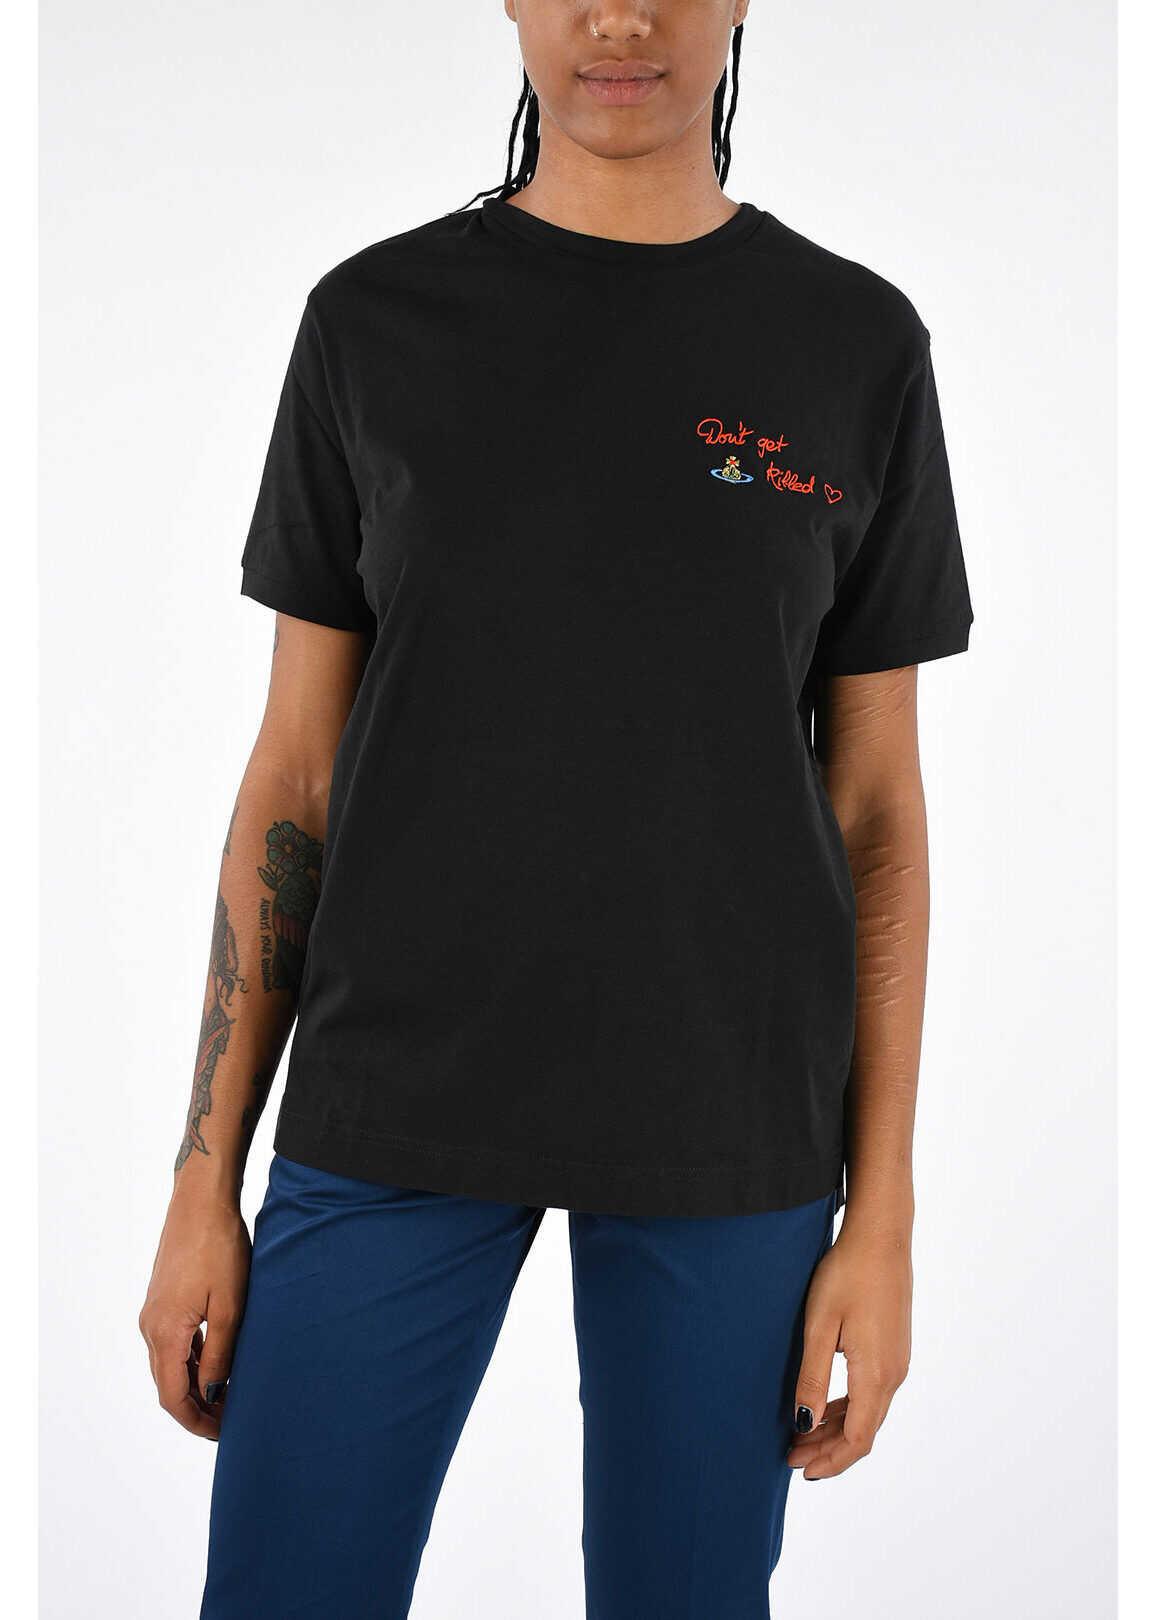 Vivienne Westwood Bio Cotton Embroidered T-shirt BLACK